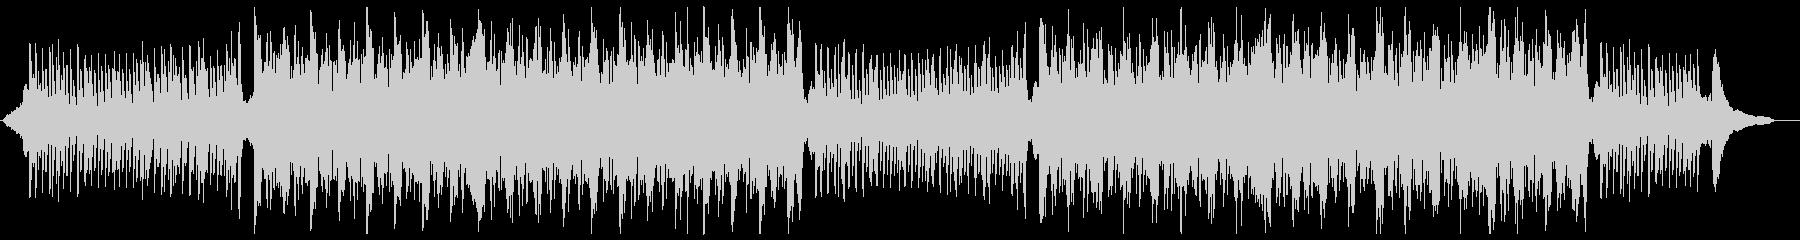 知的なピアノバイオリン:フルx1の未再生の波形